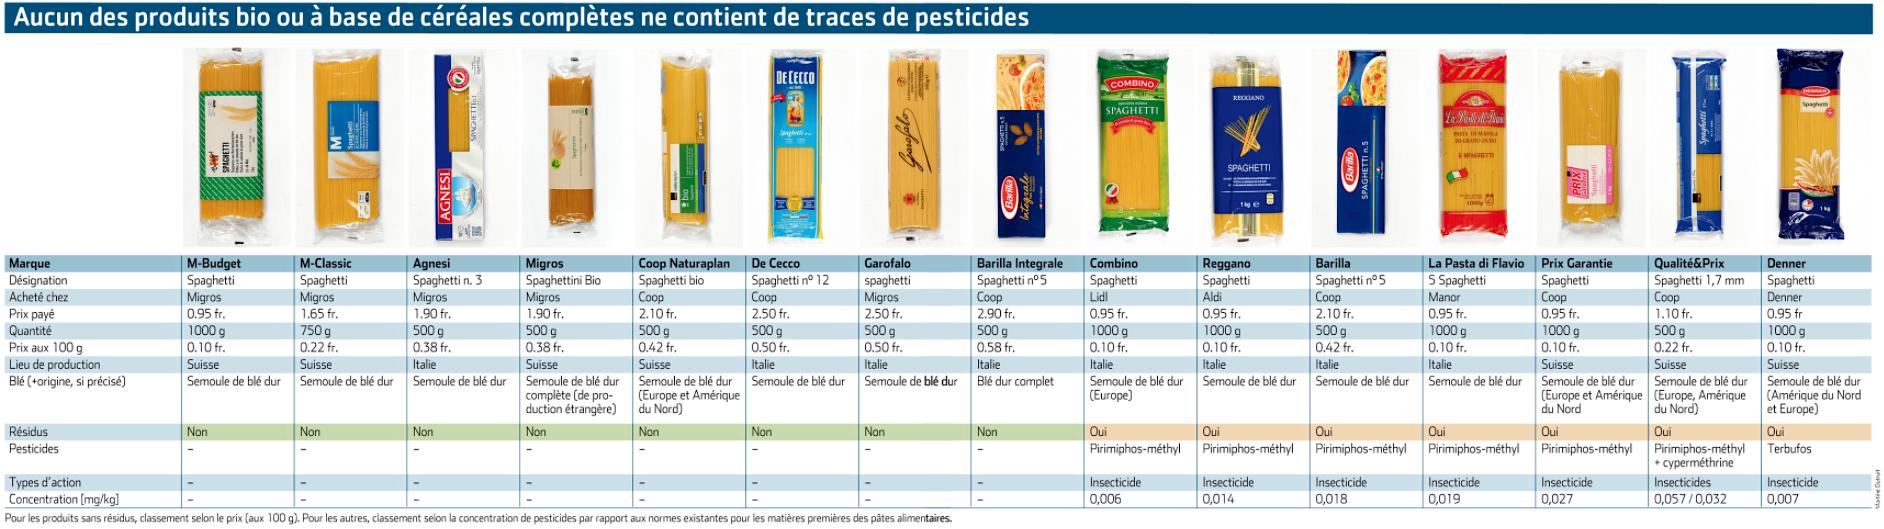 spaghetti con pesticidi tabella